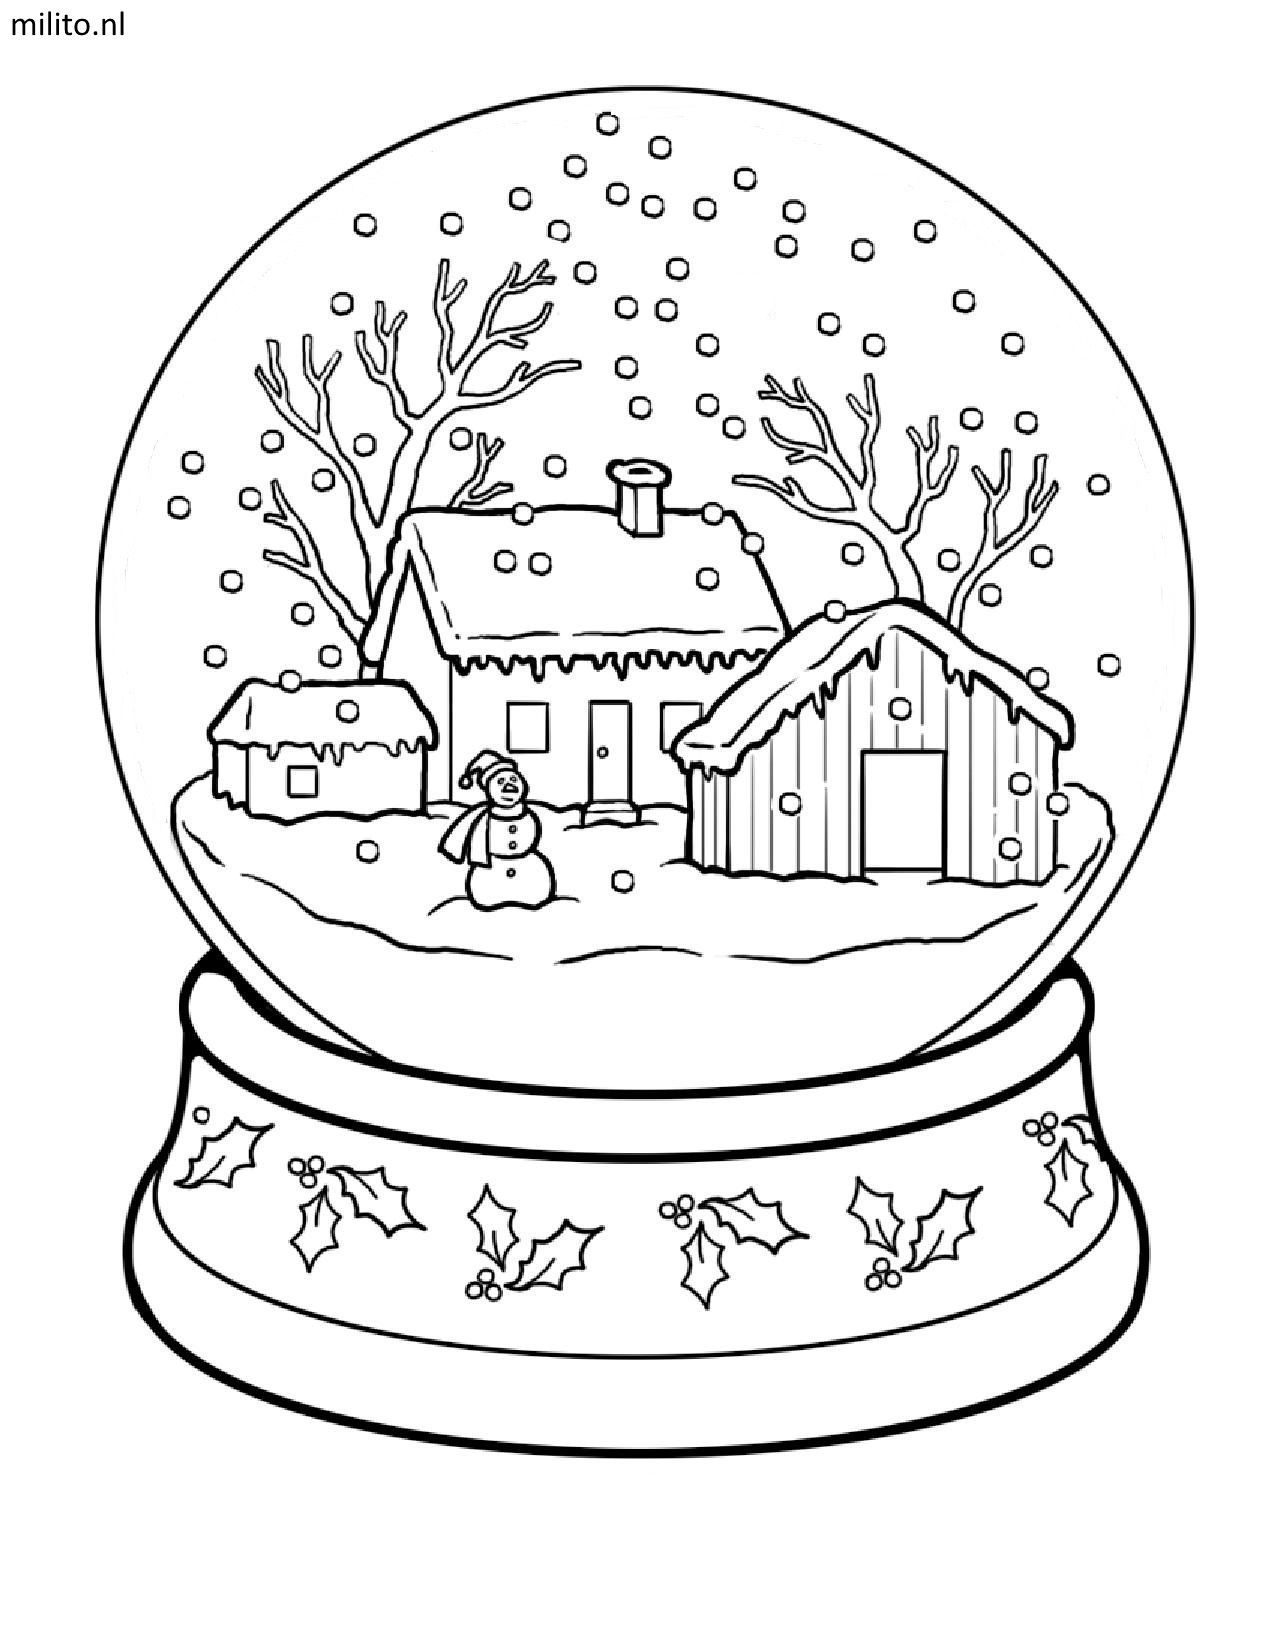 Kleurplaten Voor Kerst.Kleurplaat Kerst 2 Milito Nl Idee Kleurplaten Kerstman 20